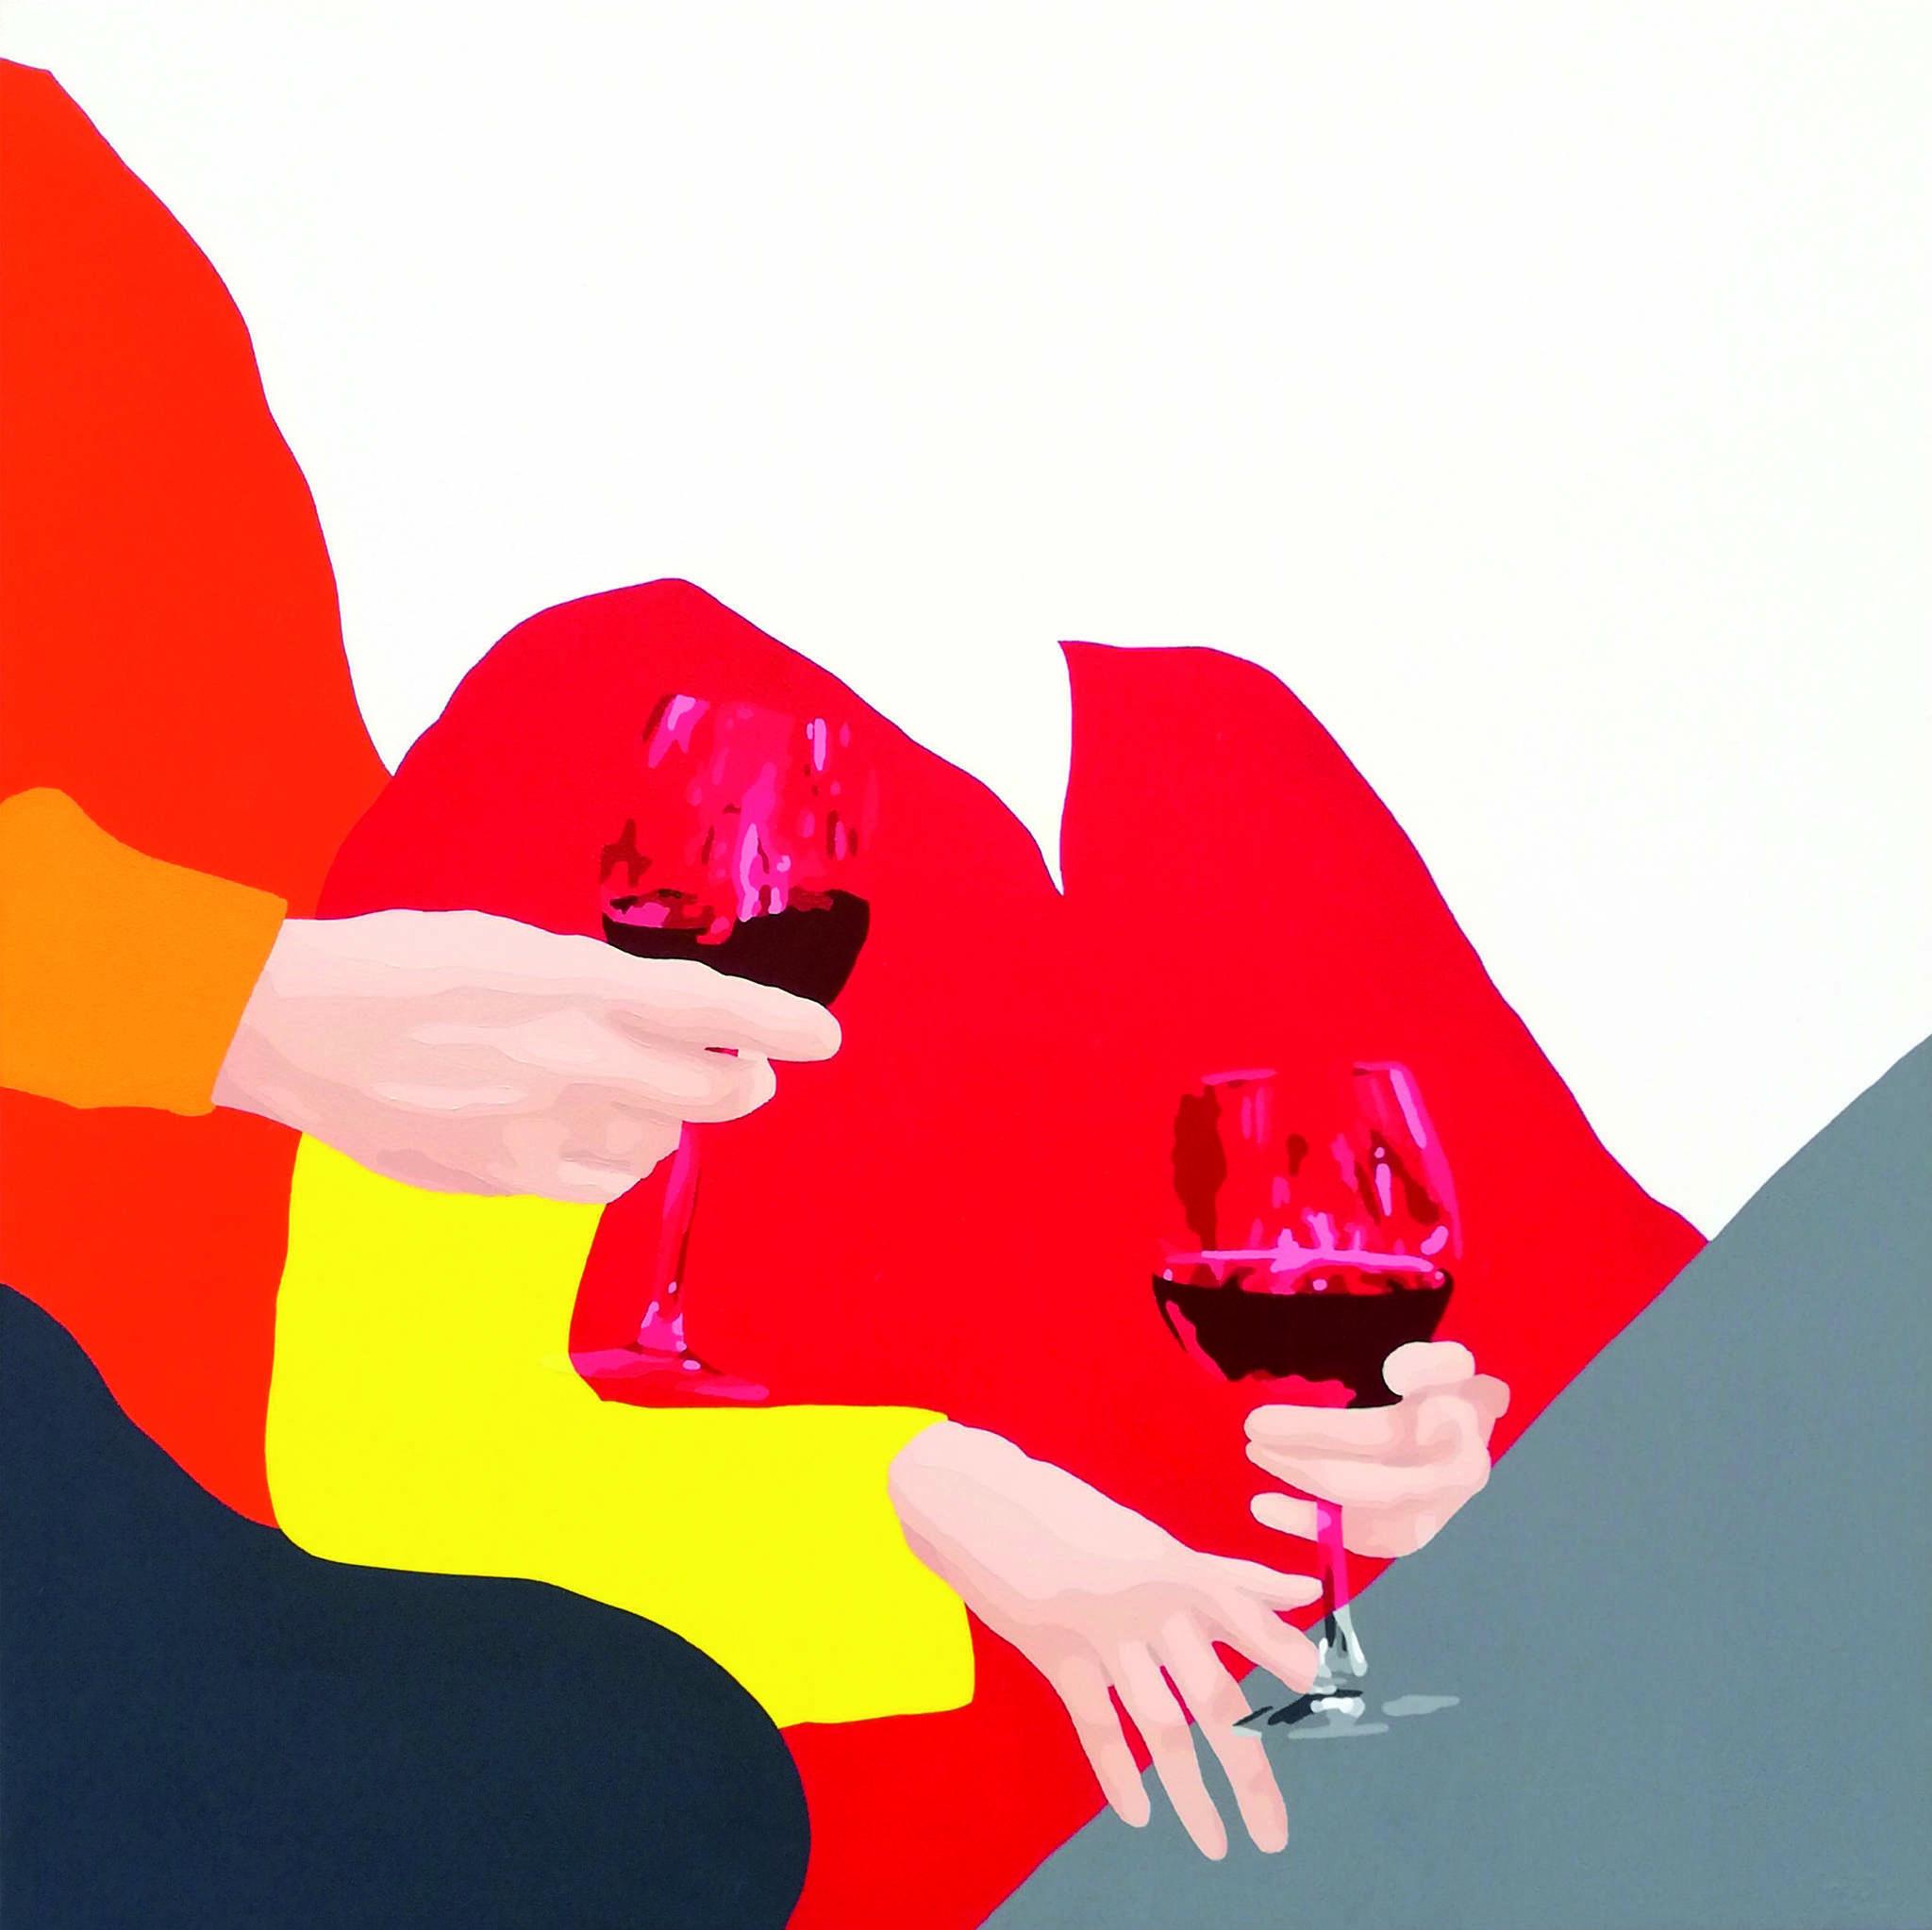 Upijmy się dziś miłością, 2021